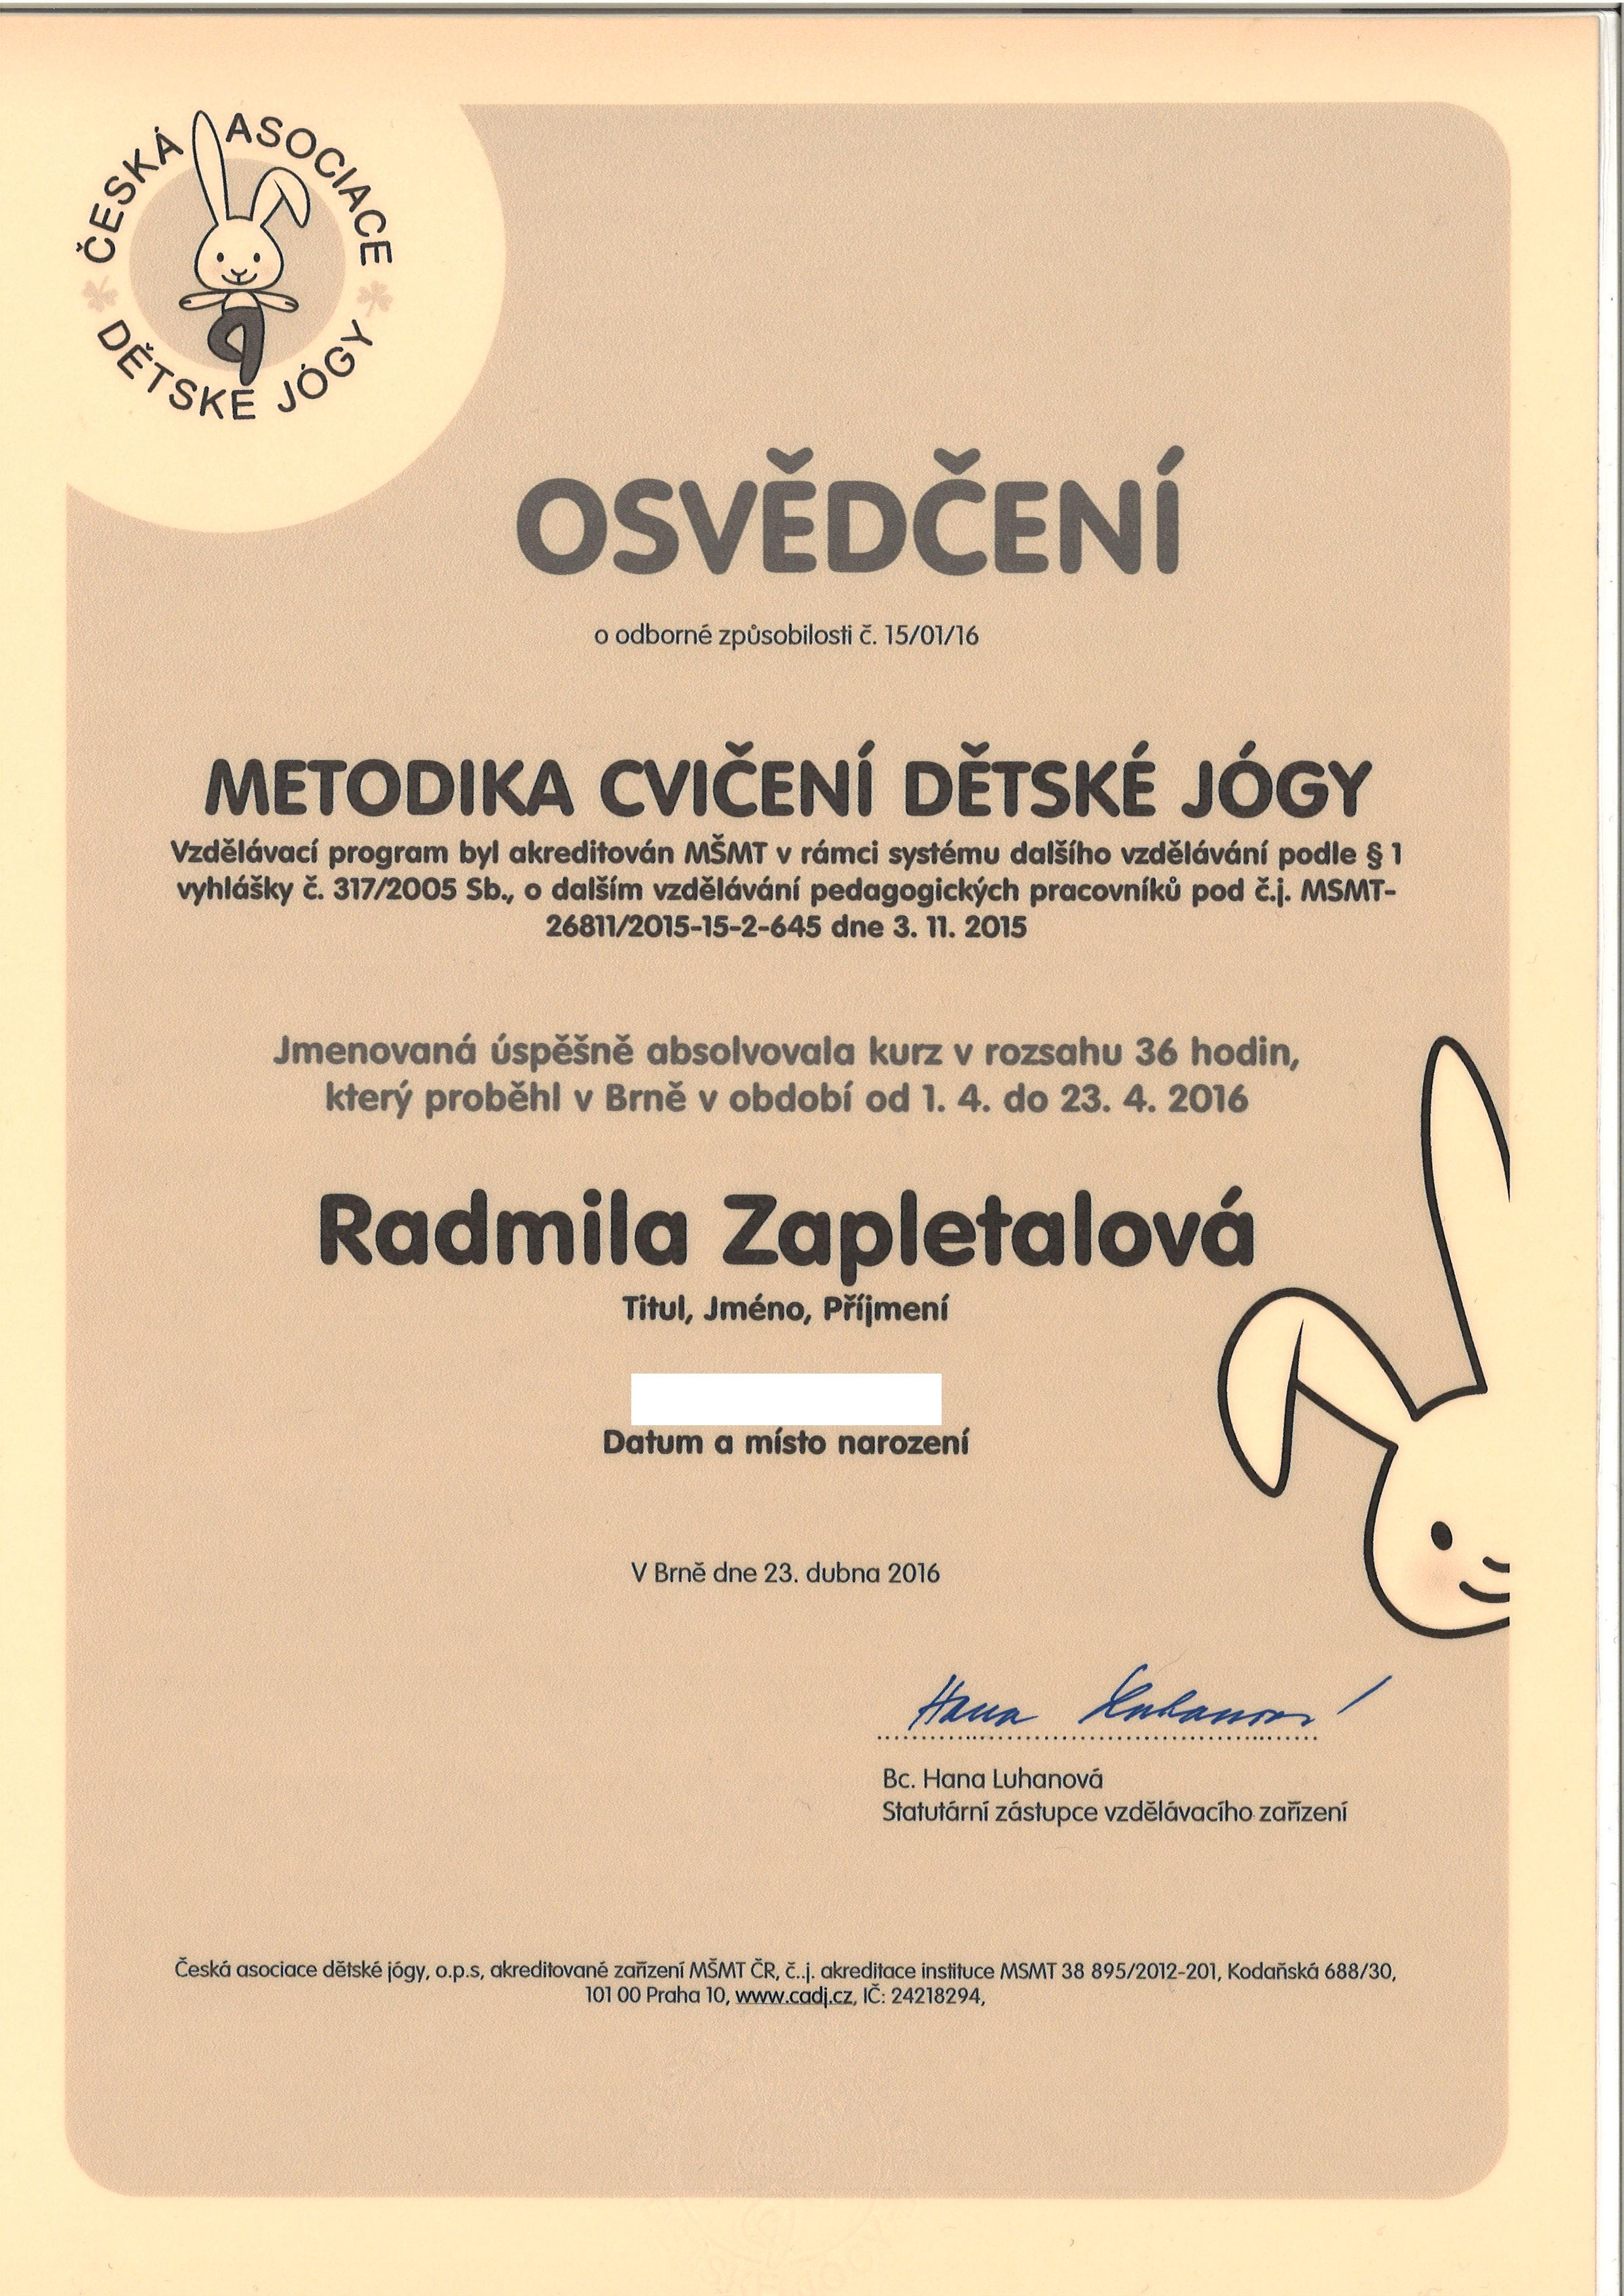 certifikaty-radmila-zapletalova-kranerova-03